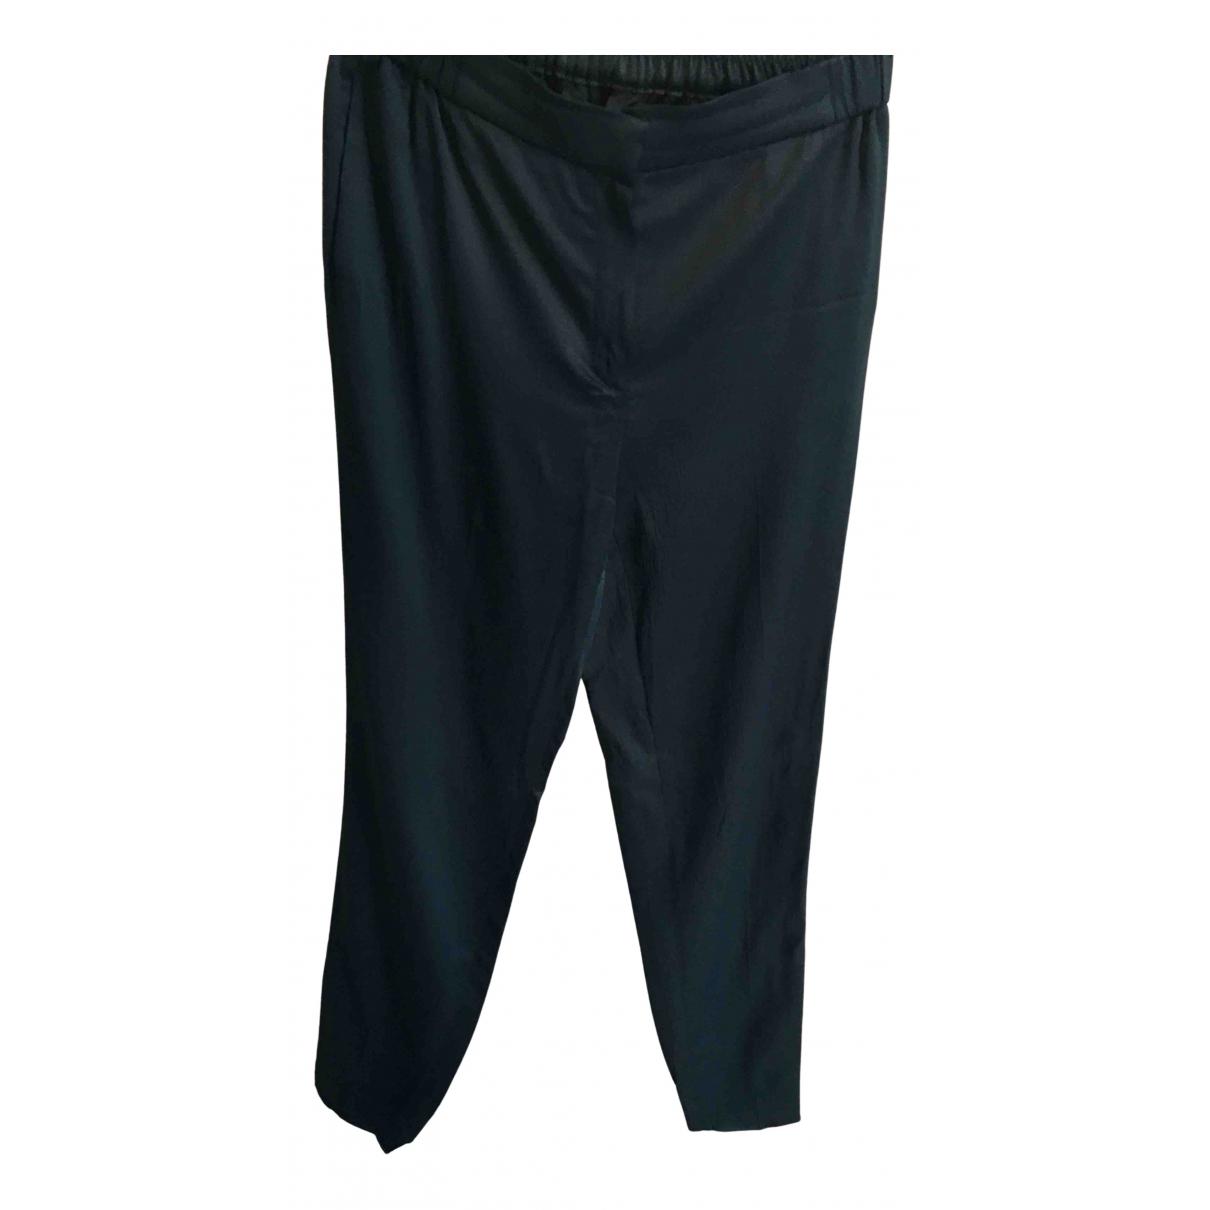 Pantalon de traje Massimo Dutti